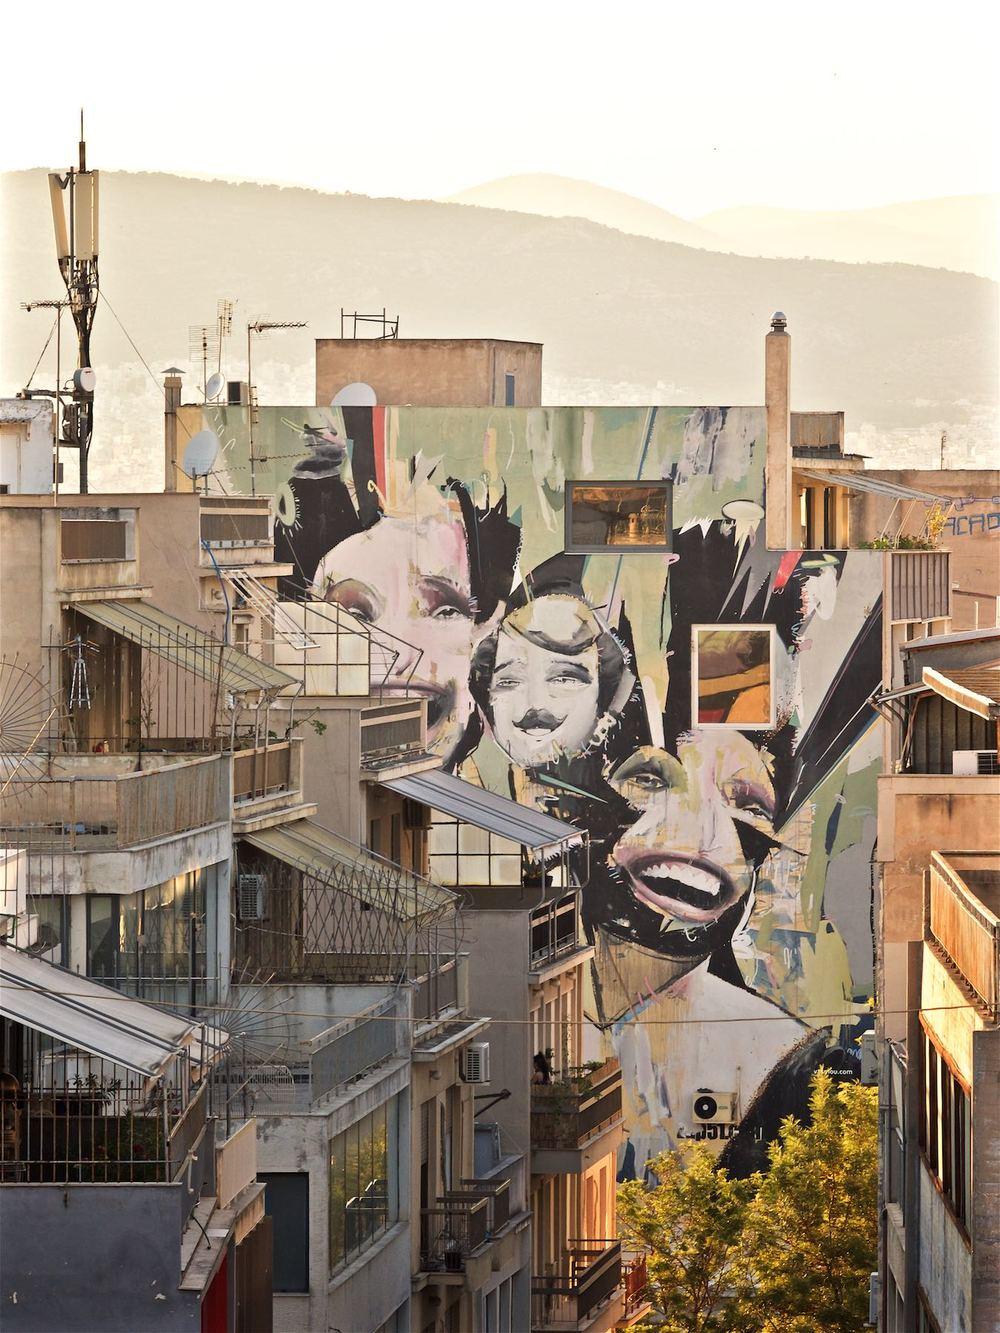 Graffiti 2.0